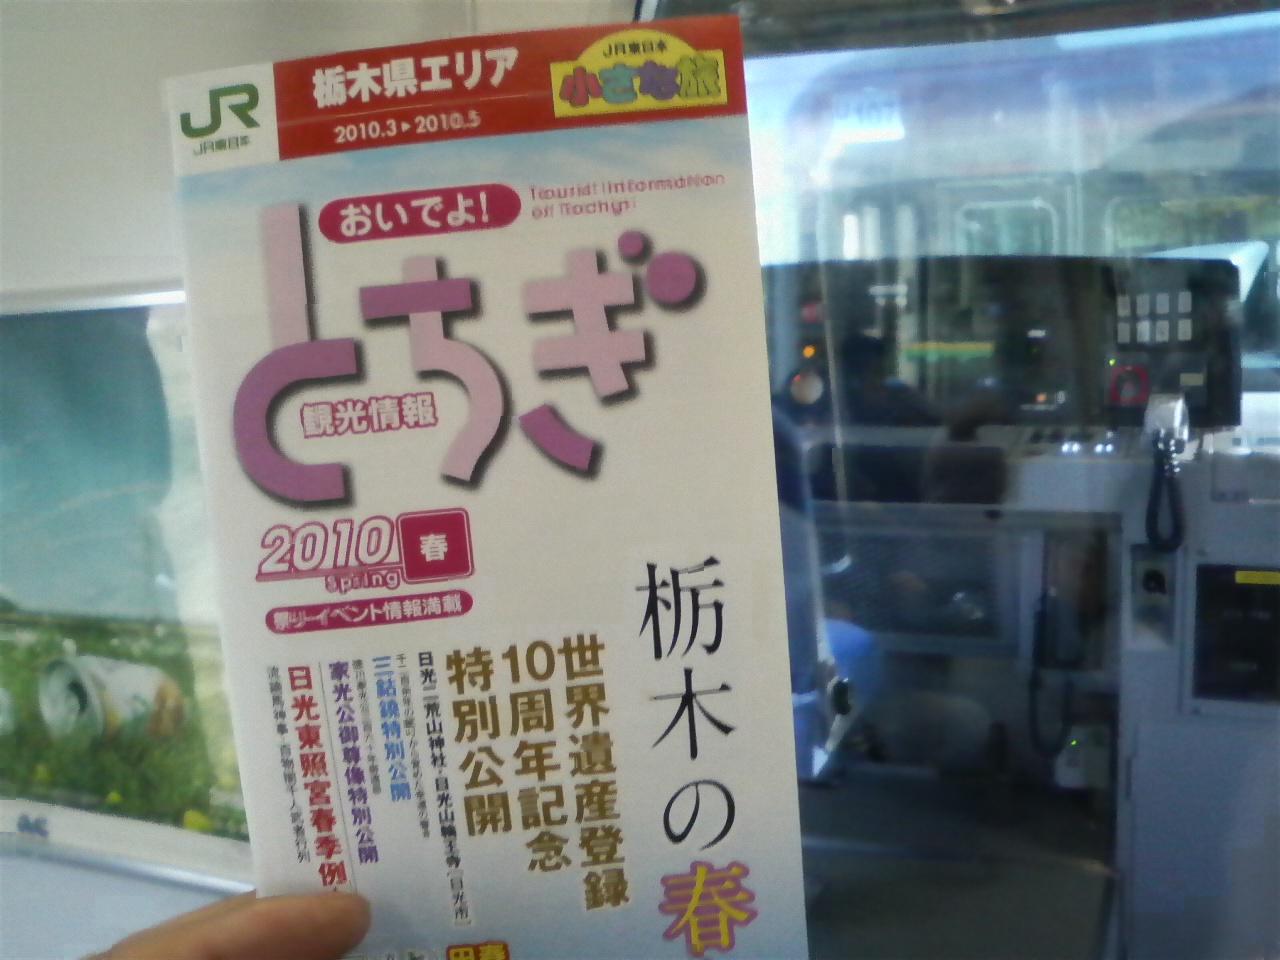 栃木の資料ゲット